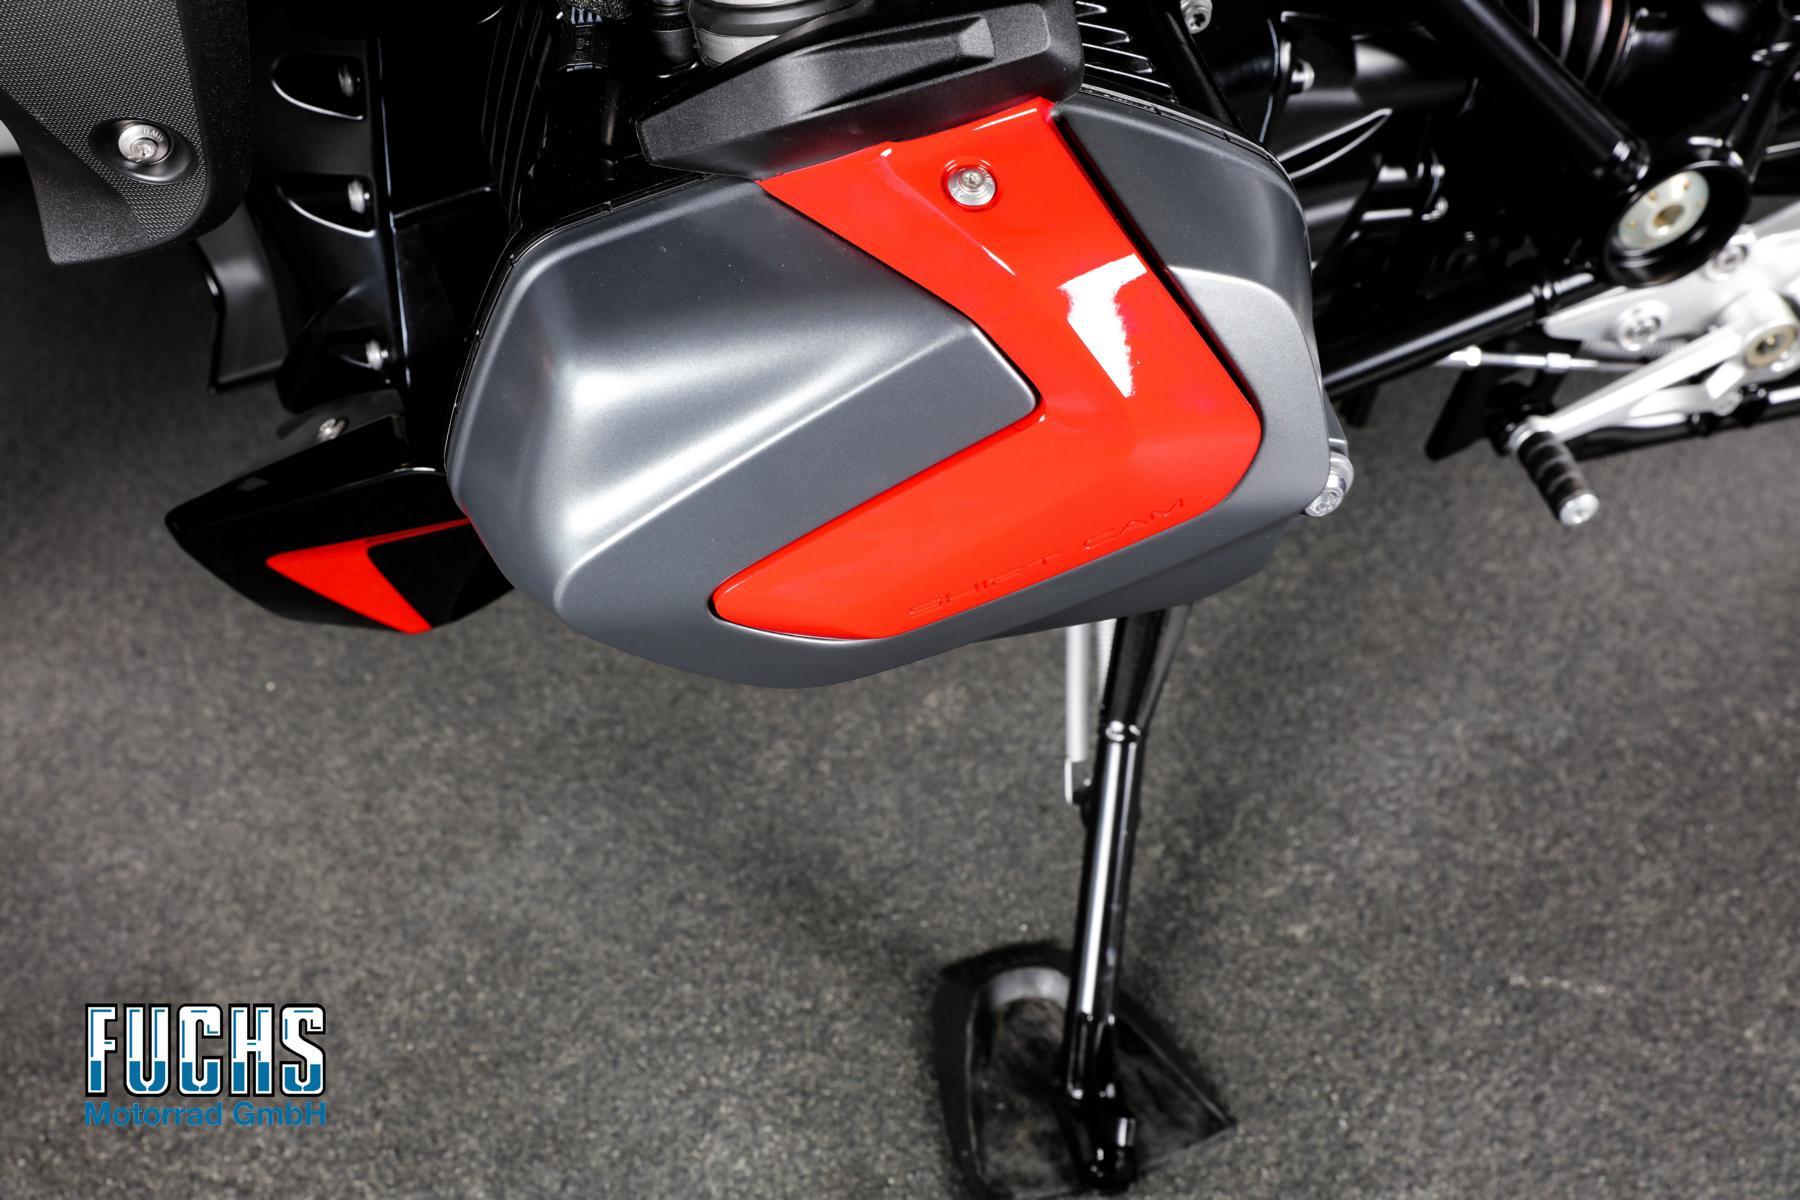 R1250R Fuchs Edition